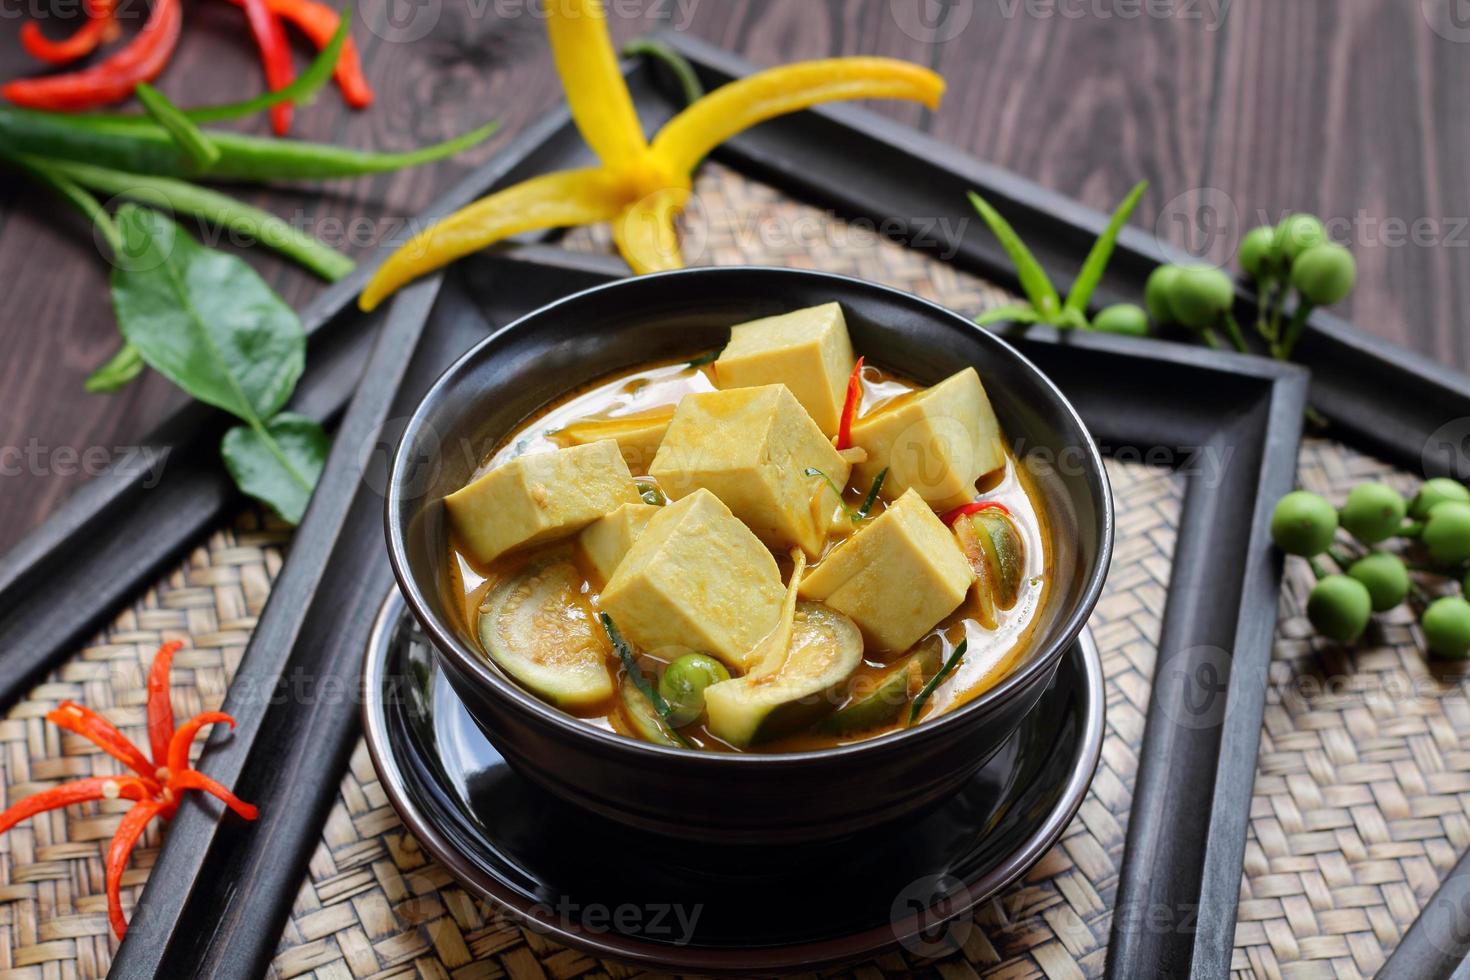 curry verde tofu alimentos vegetais. foto